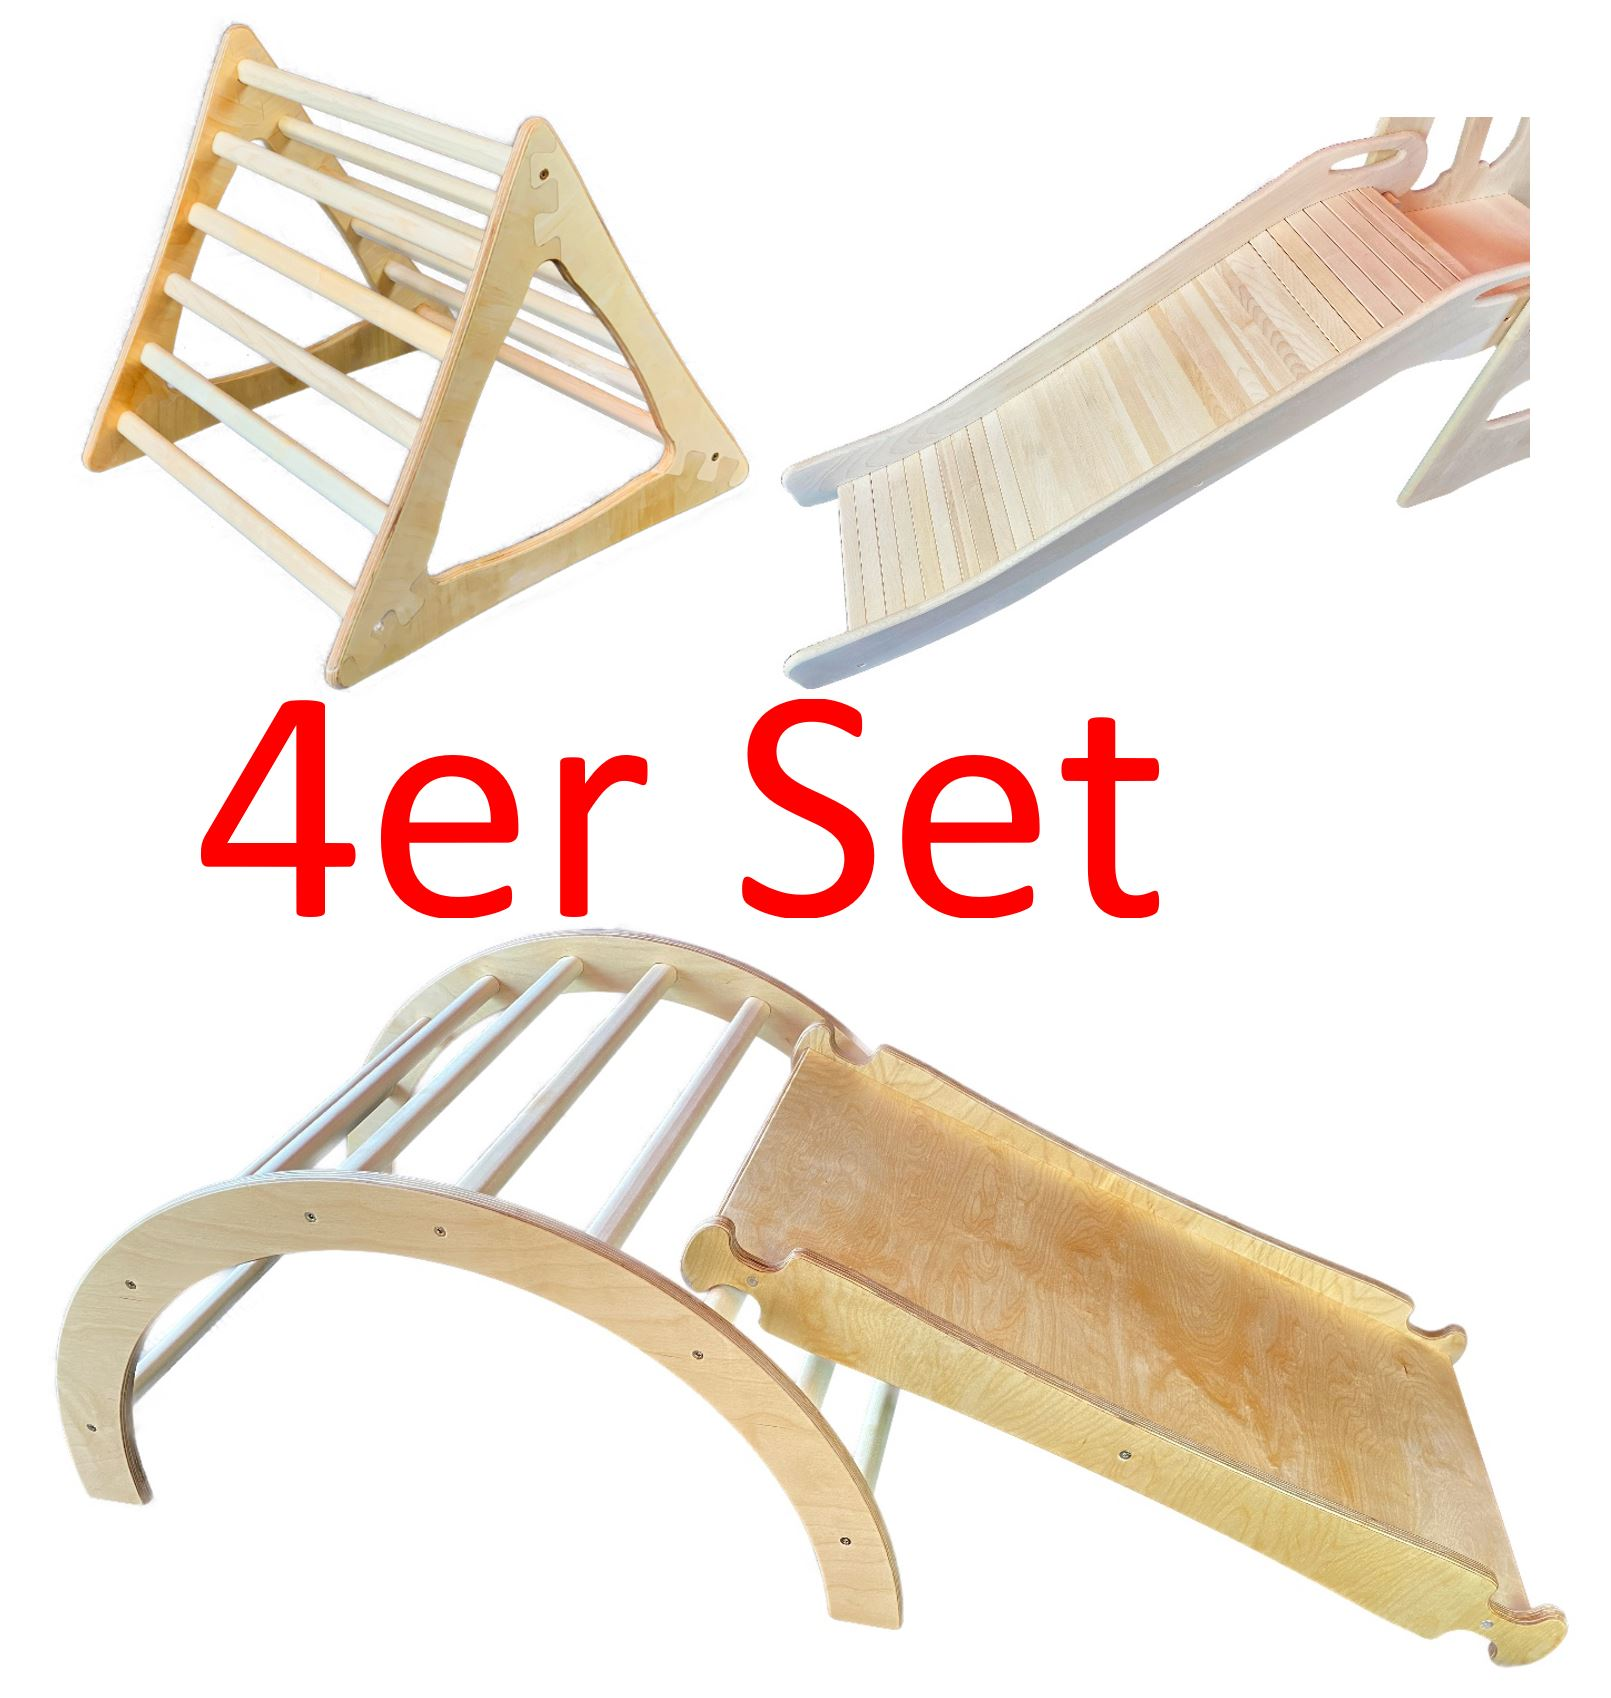 4er Set Pikler Spiellandschaft